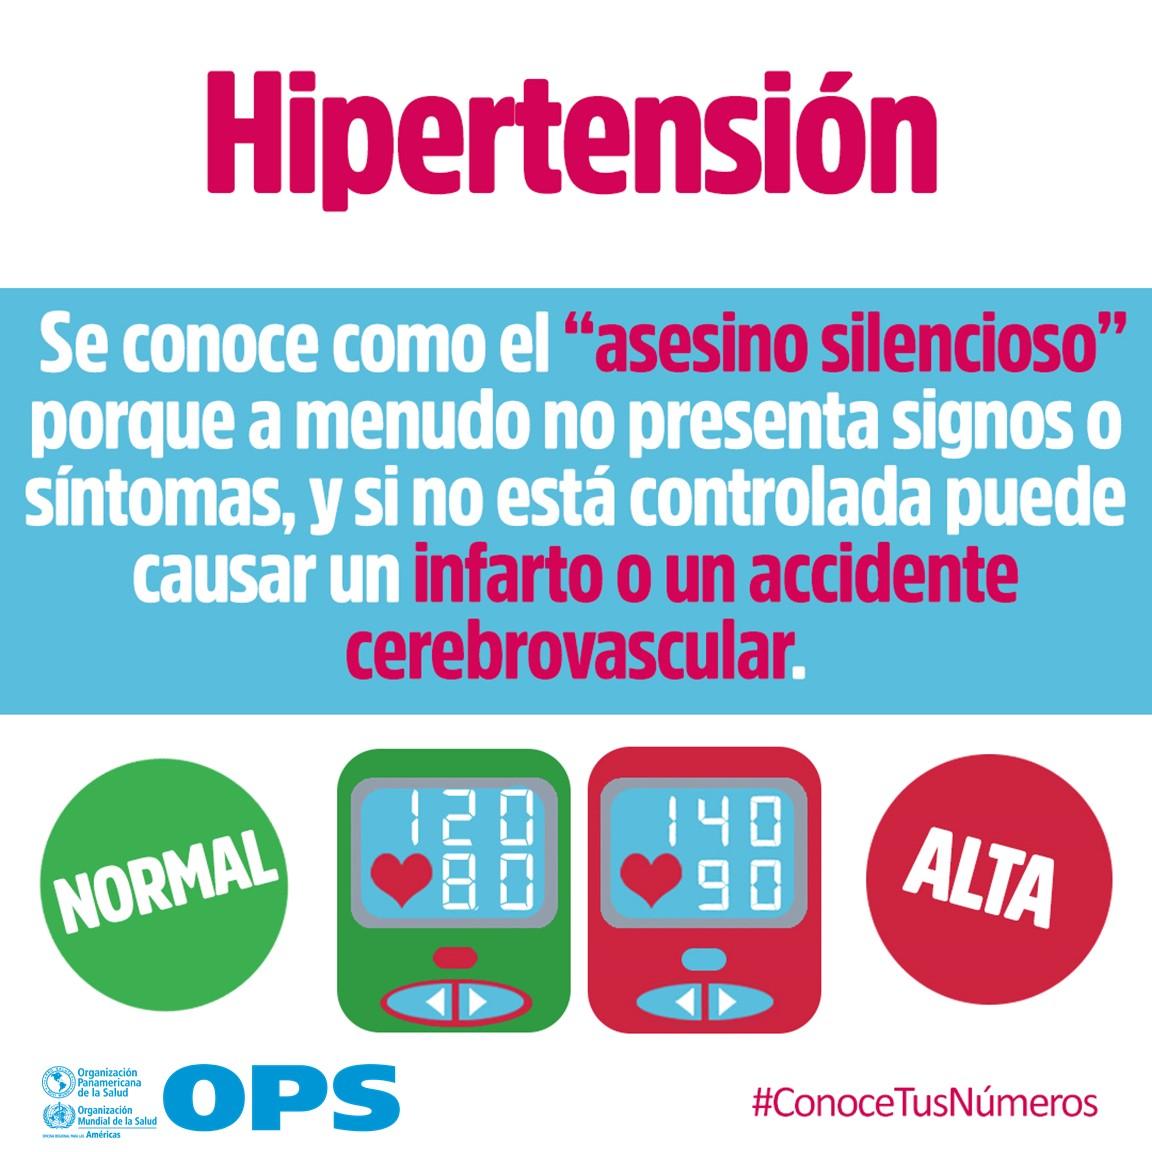 Pautas esc hipertensión pdf